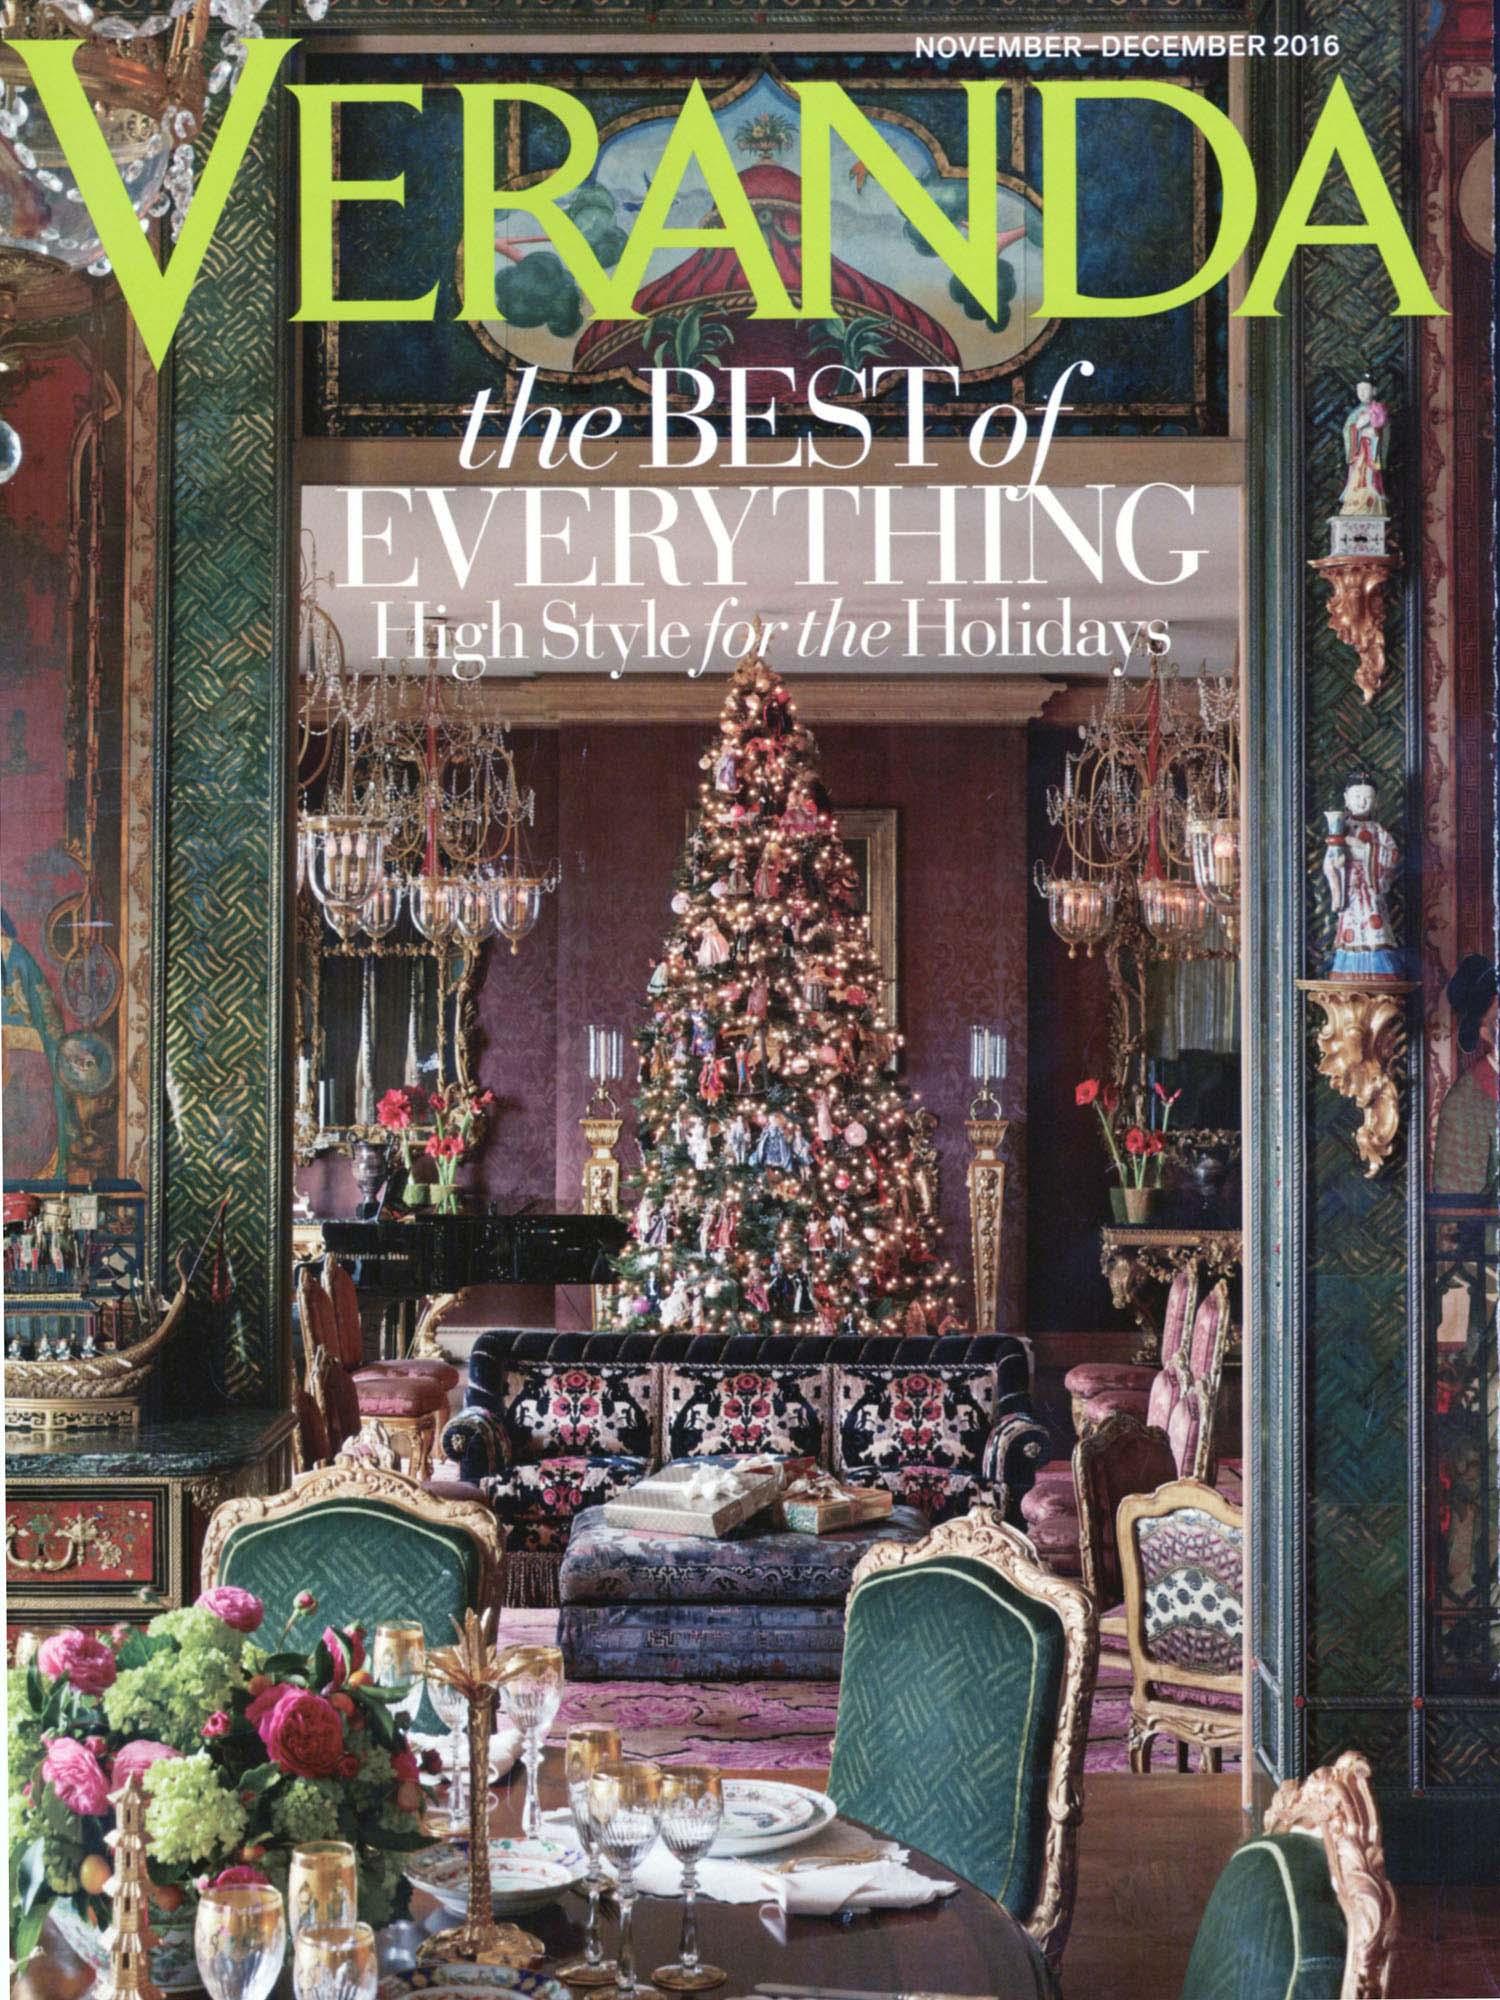 Veranda November-December 2016 DXV Design Panel 2016-2017 Charleston Classic